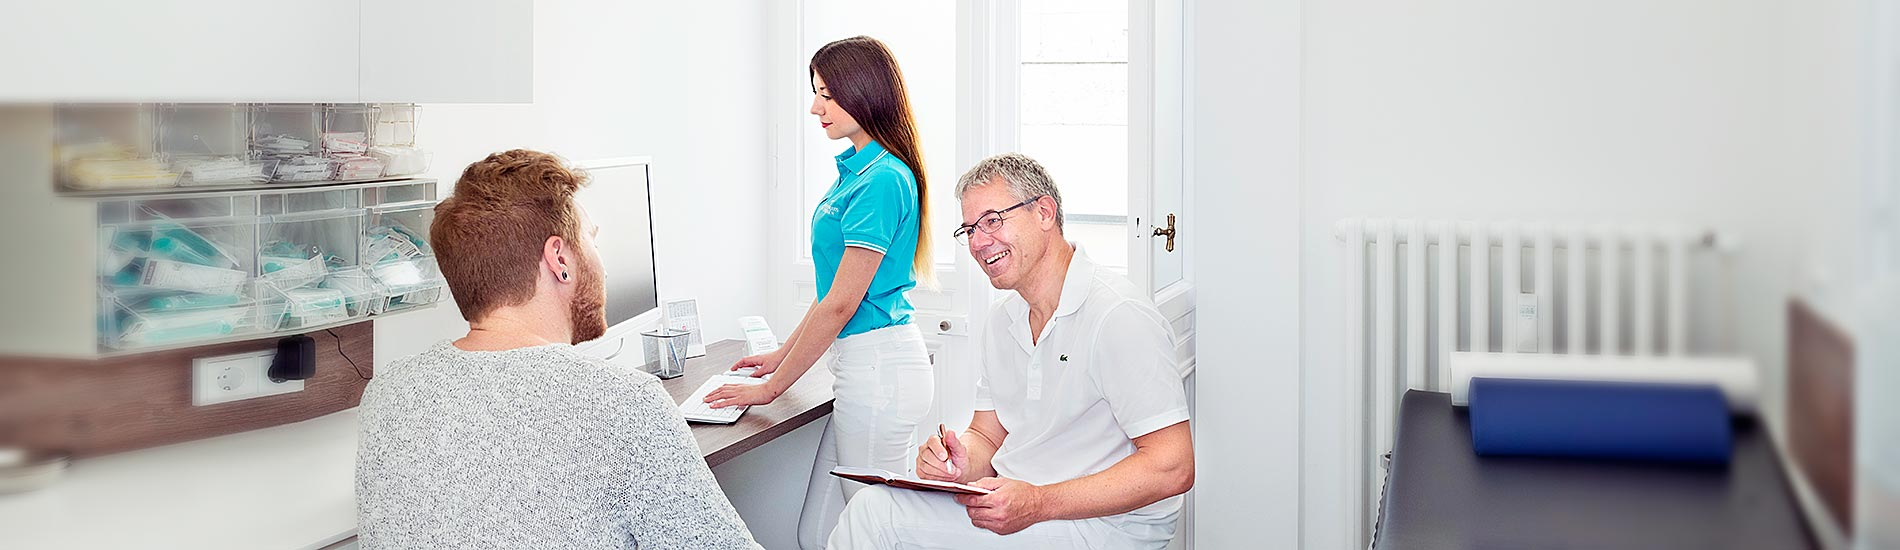 Chirurgische Praxis am Spreebogen – Dr. Jörg Müller im Gespräch mit Patient